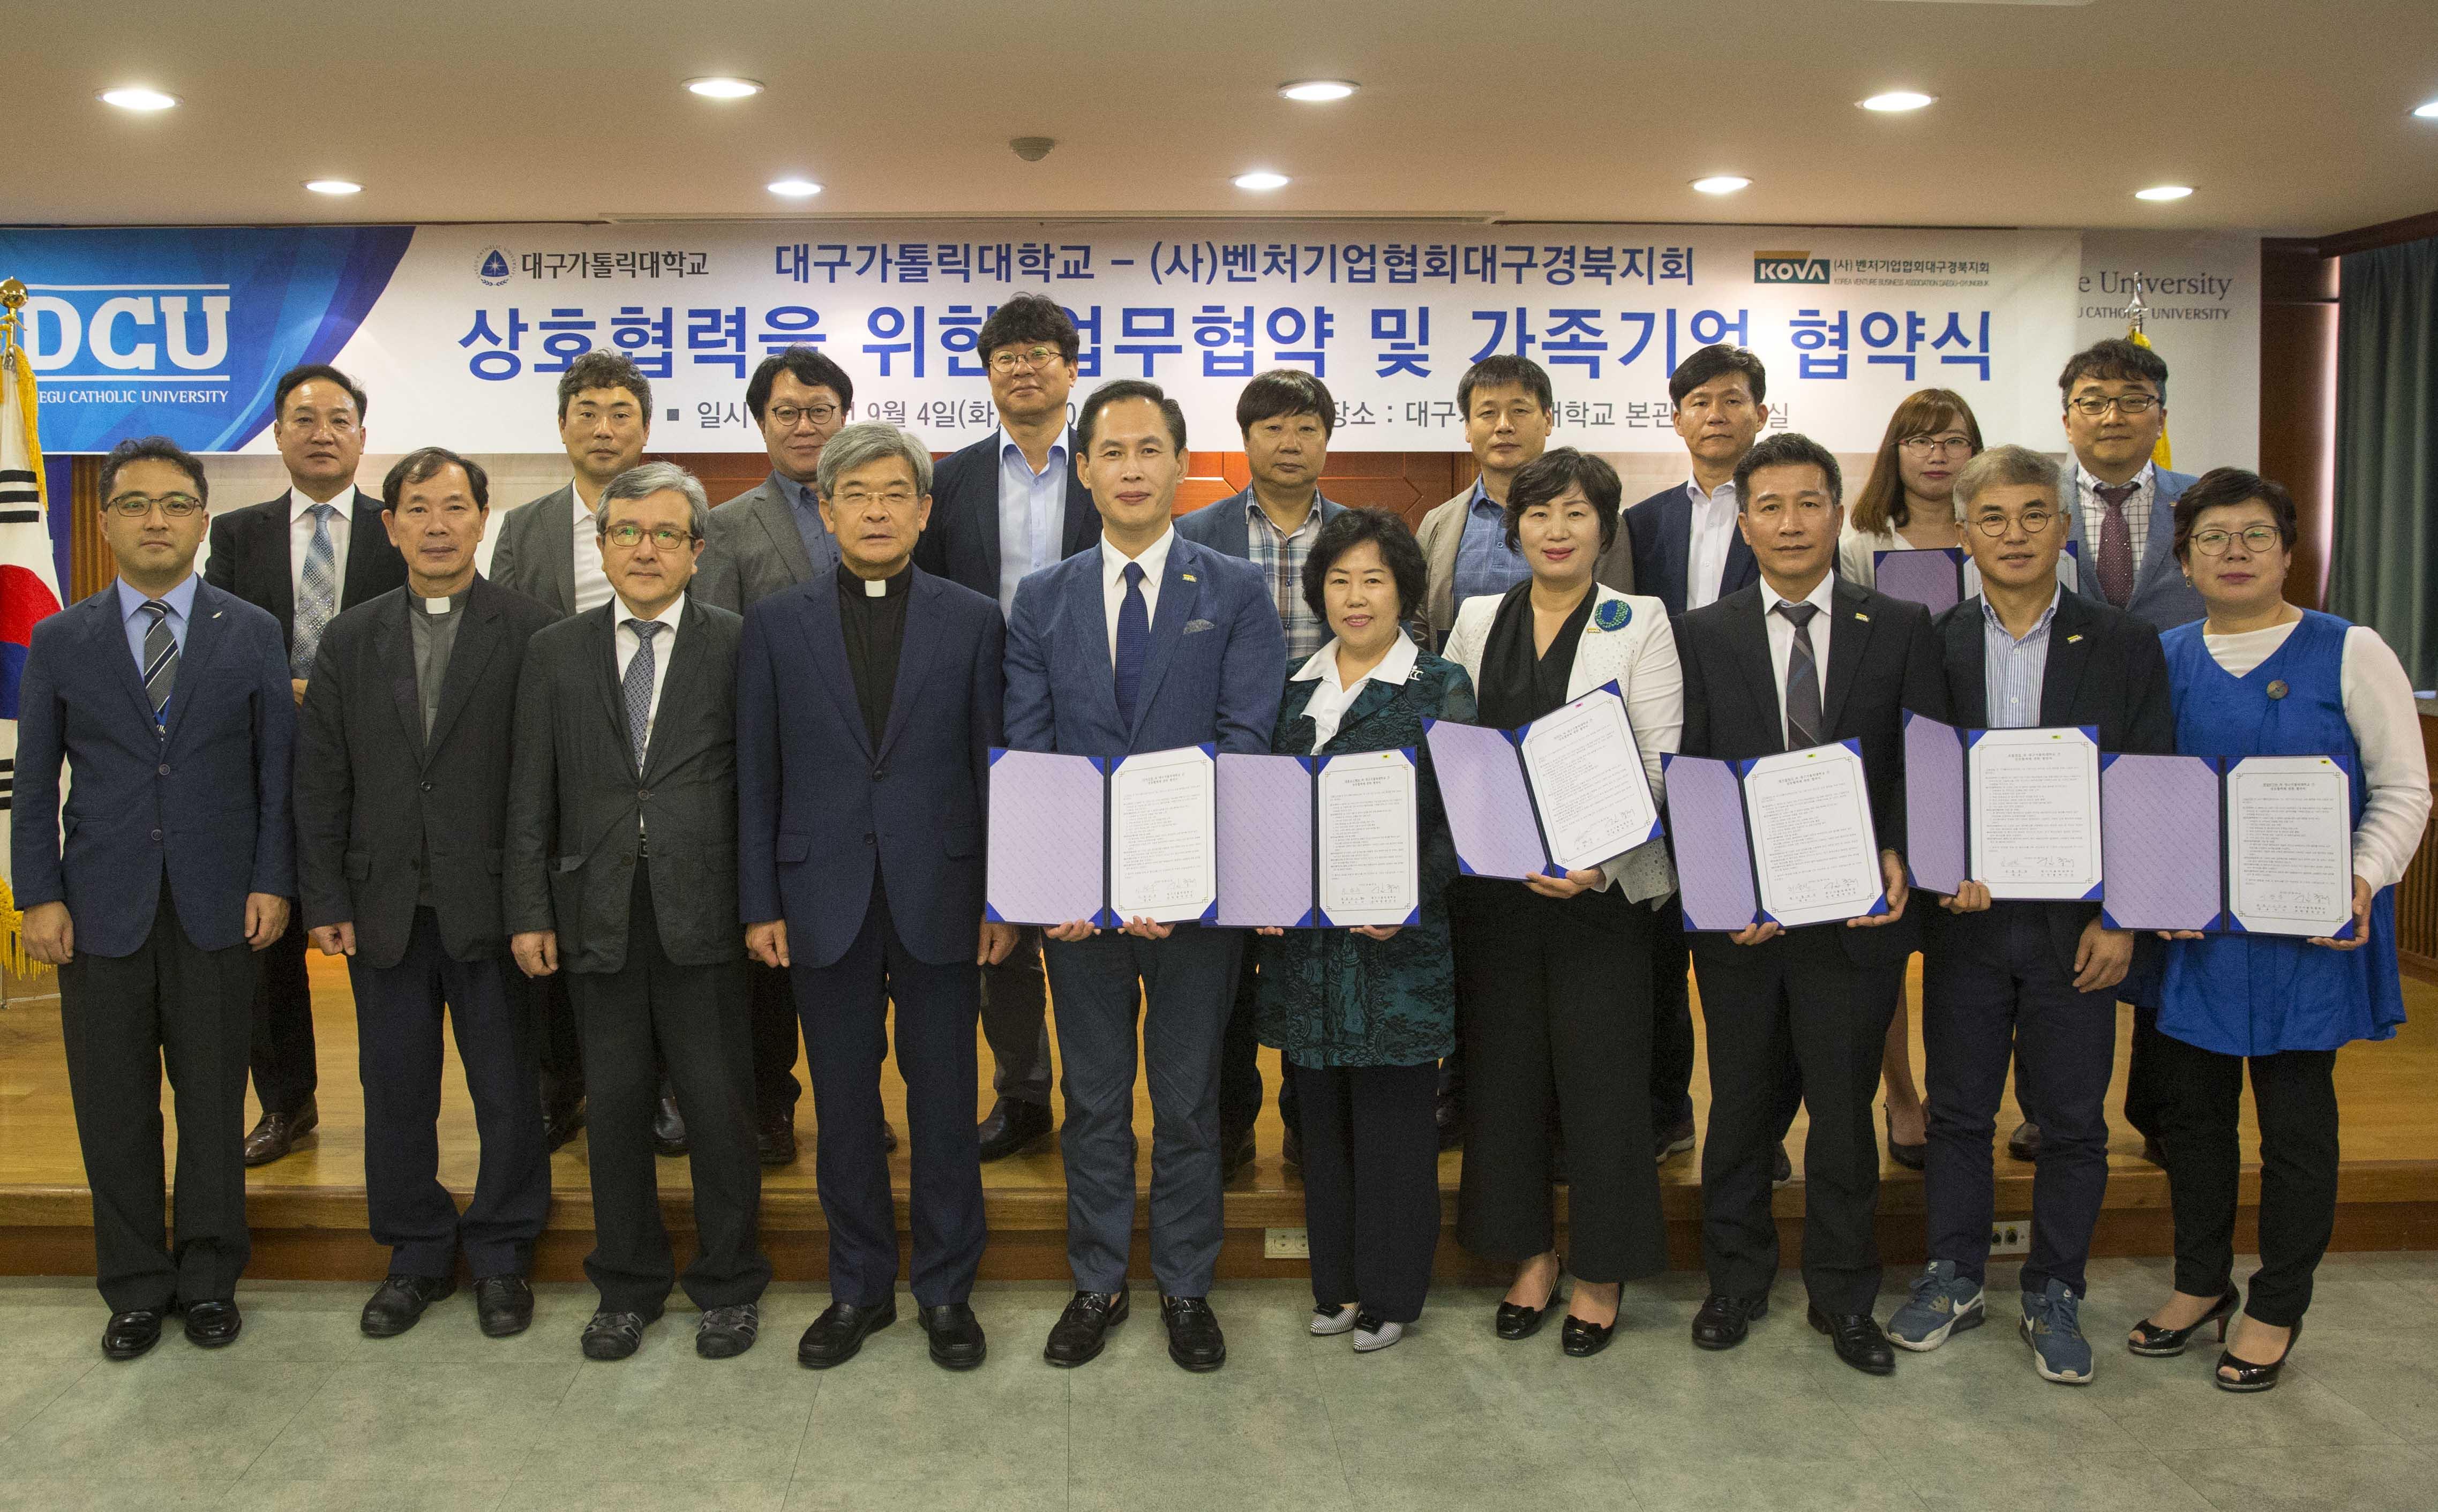 대구가톨릭대-벤처기업협회대구경북지회 업무협약 체결